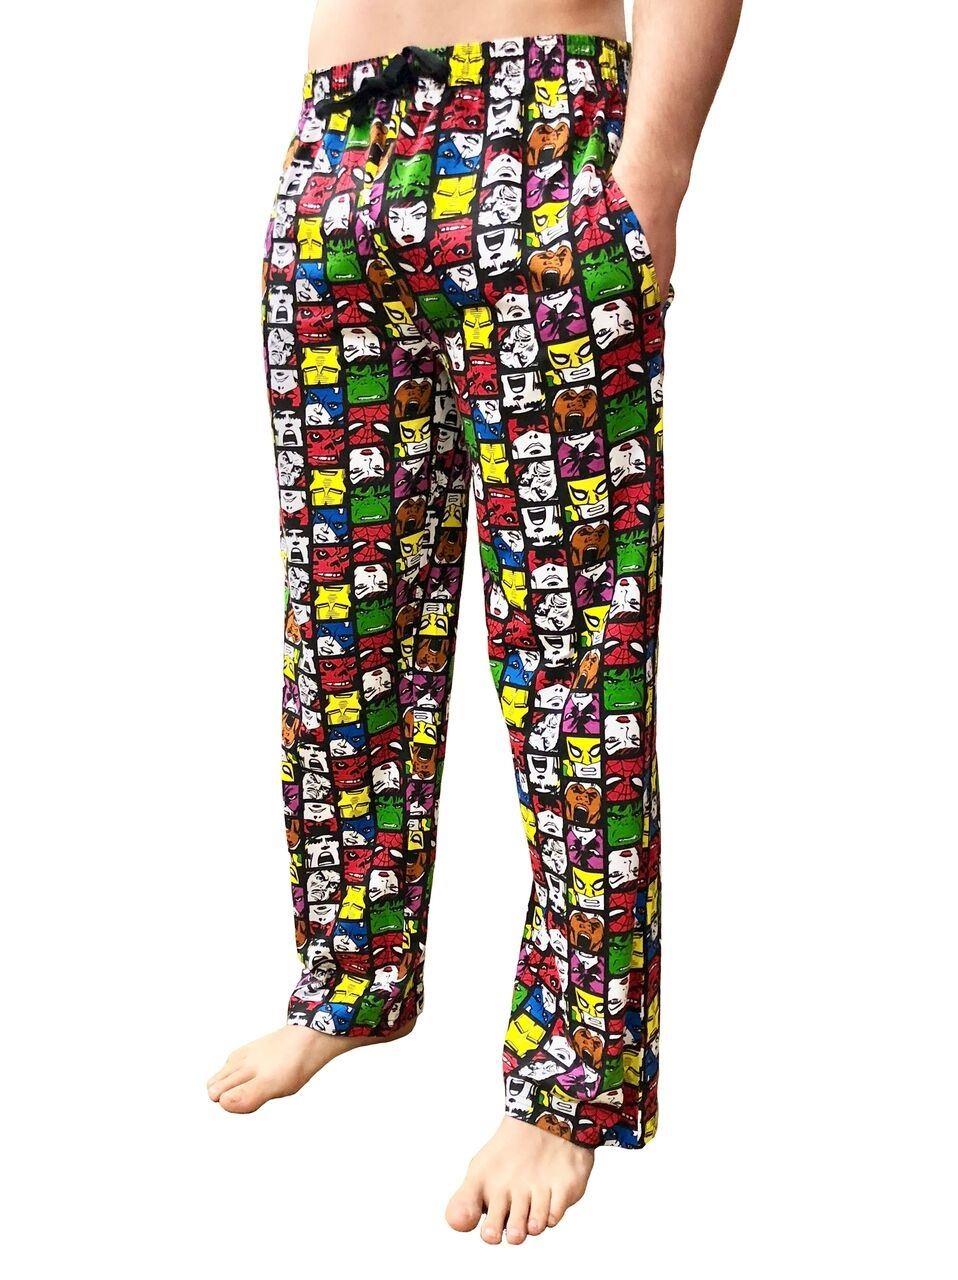 Hombre Nino Comic Pantalon De Descanso Pj Pantalones Pijama Regalo Pijama Ebay